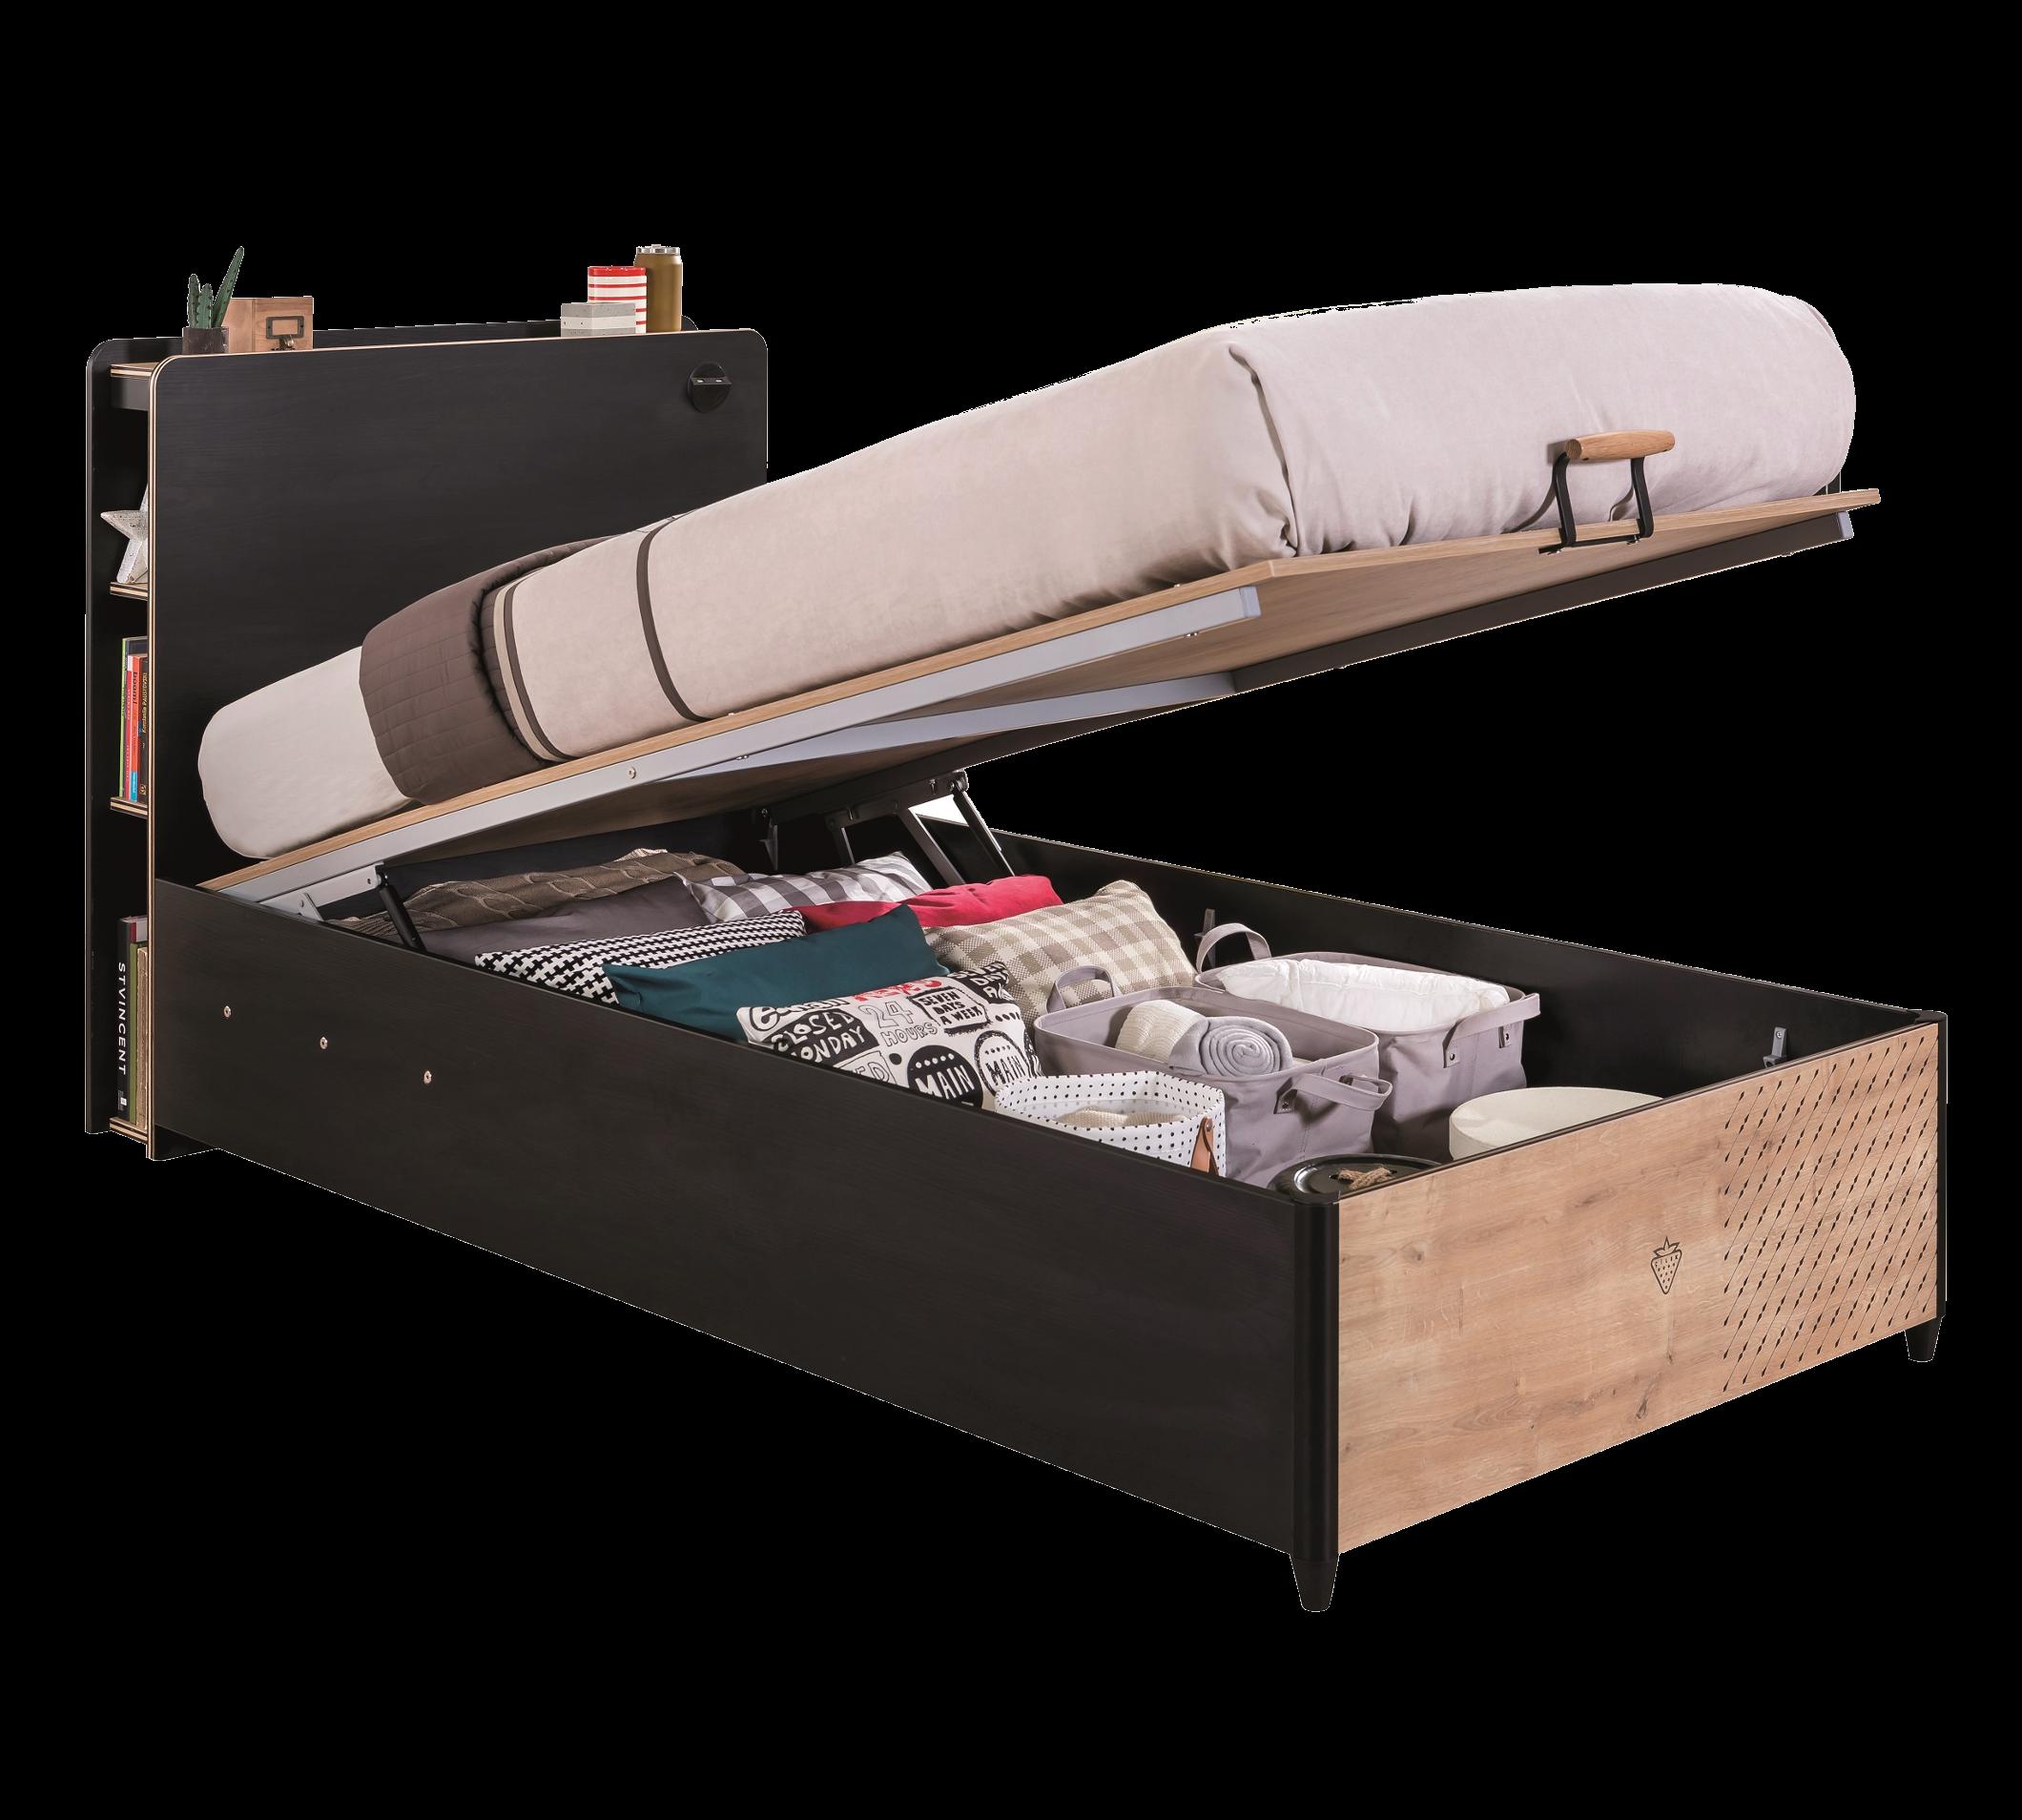 Full Size of Stauraumbett 120x200 Cilek Black Bett Mit Matratze Und Lattenrost Betten Weiß Bettkasten Wohnzimmer Stauraumbett 120x200